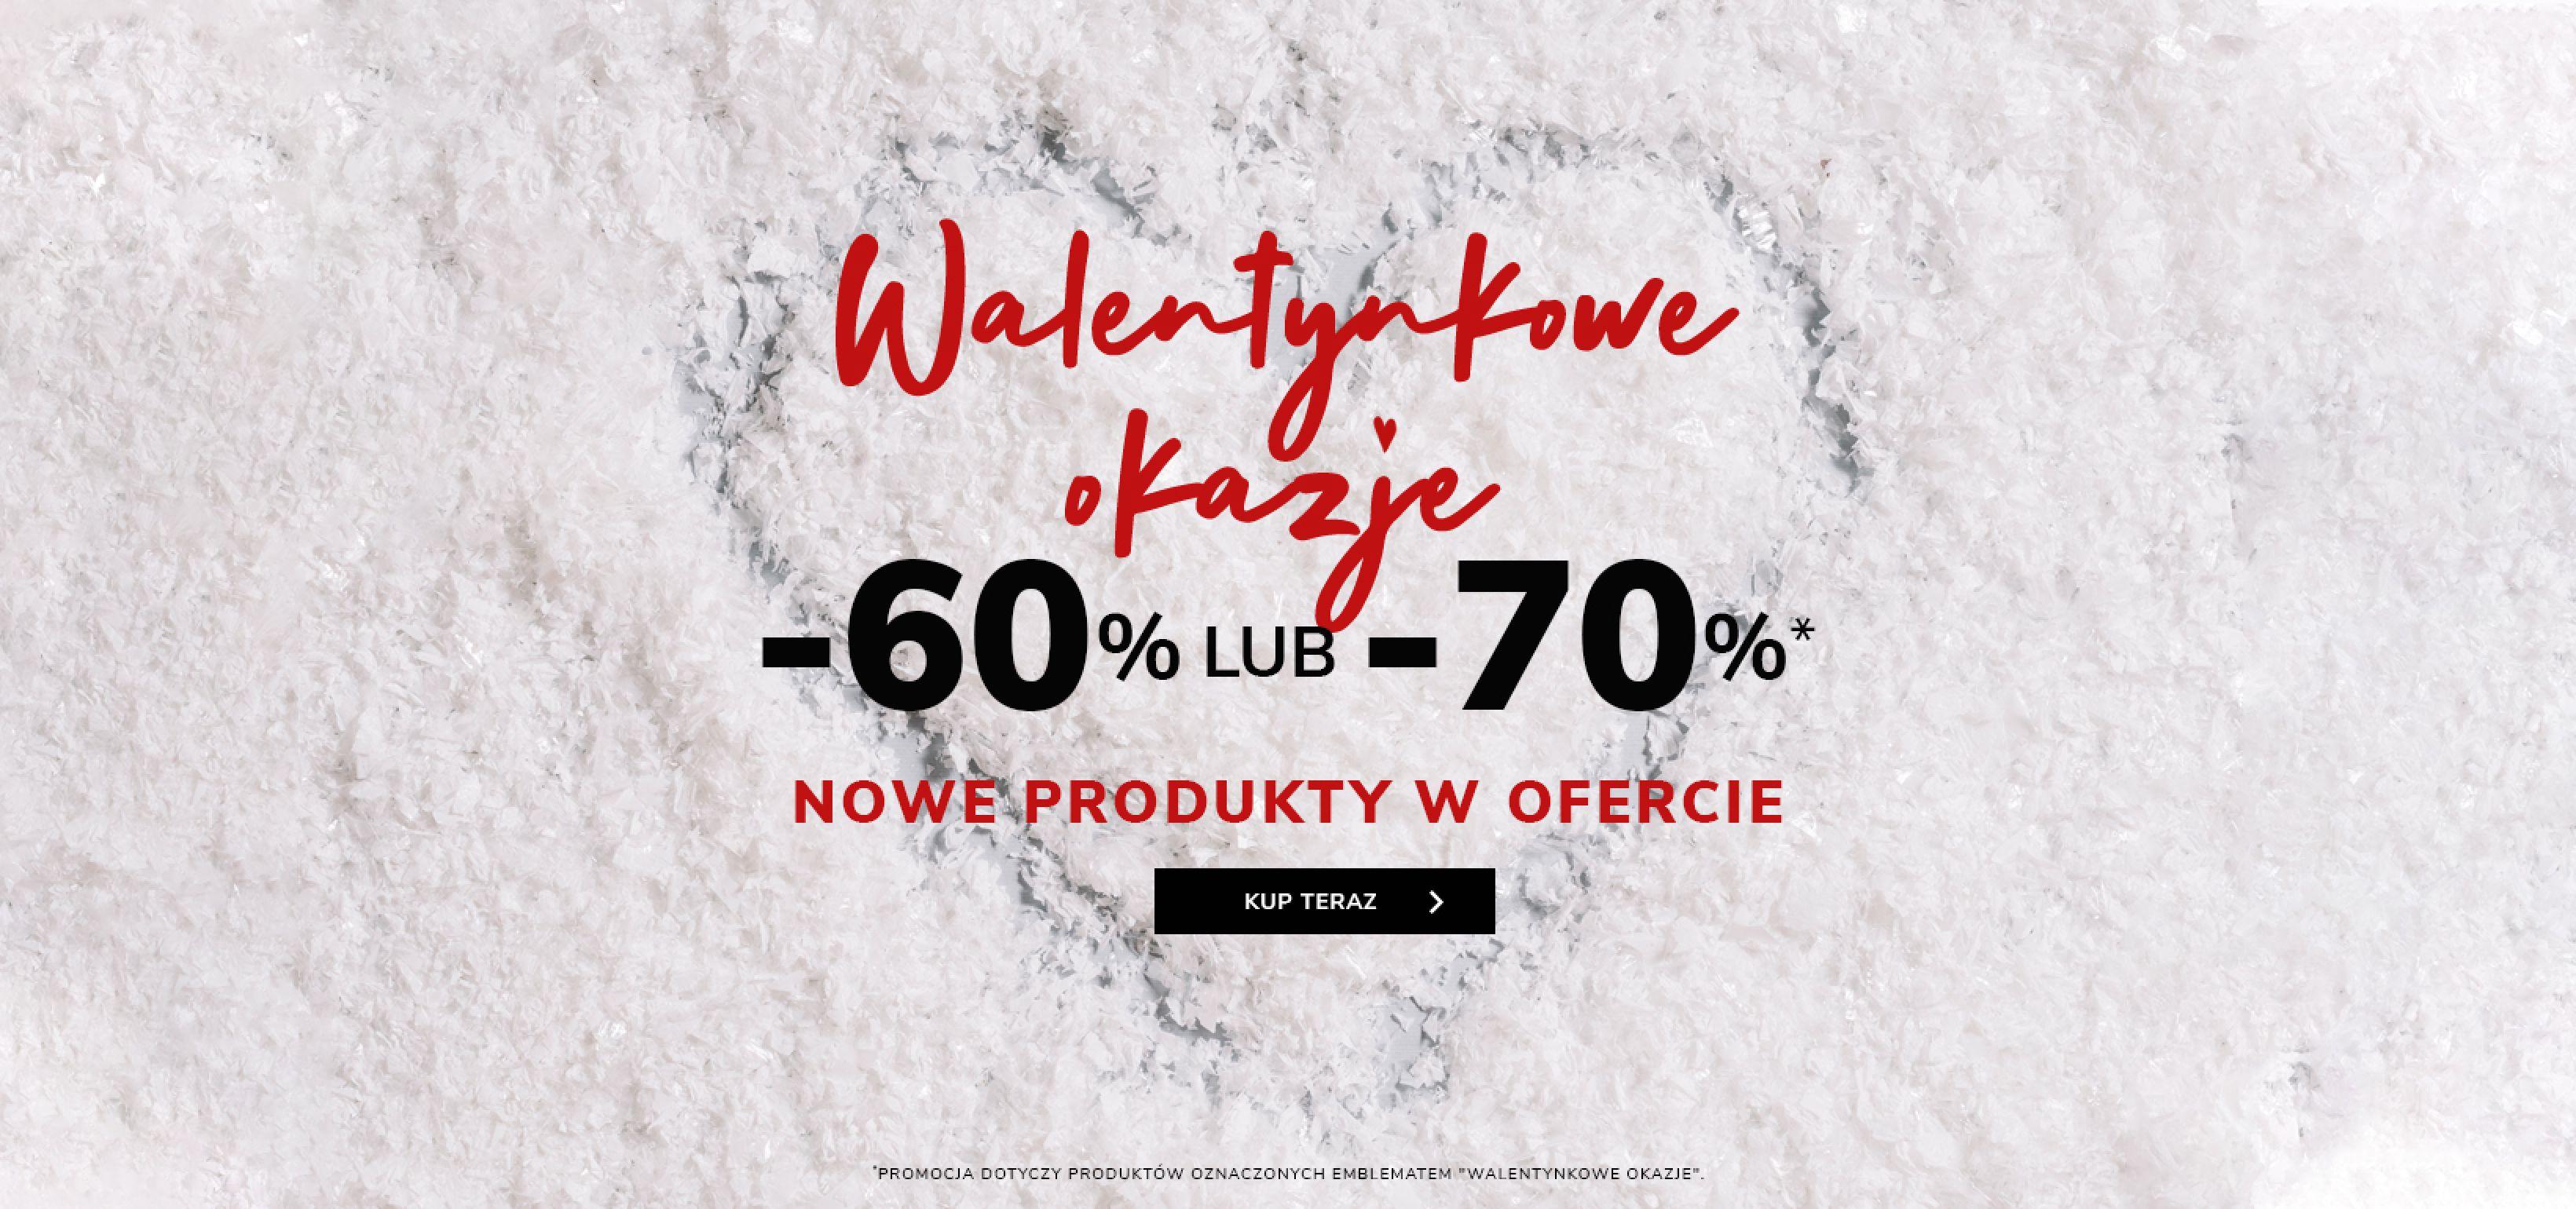 Vistula: Walentynkowe Okazje 60% lub 70% zniżki na odzież męską